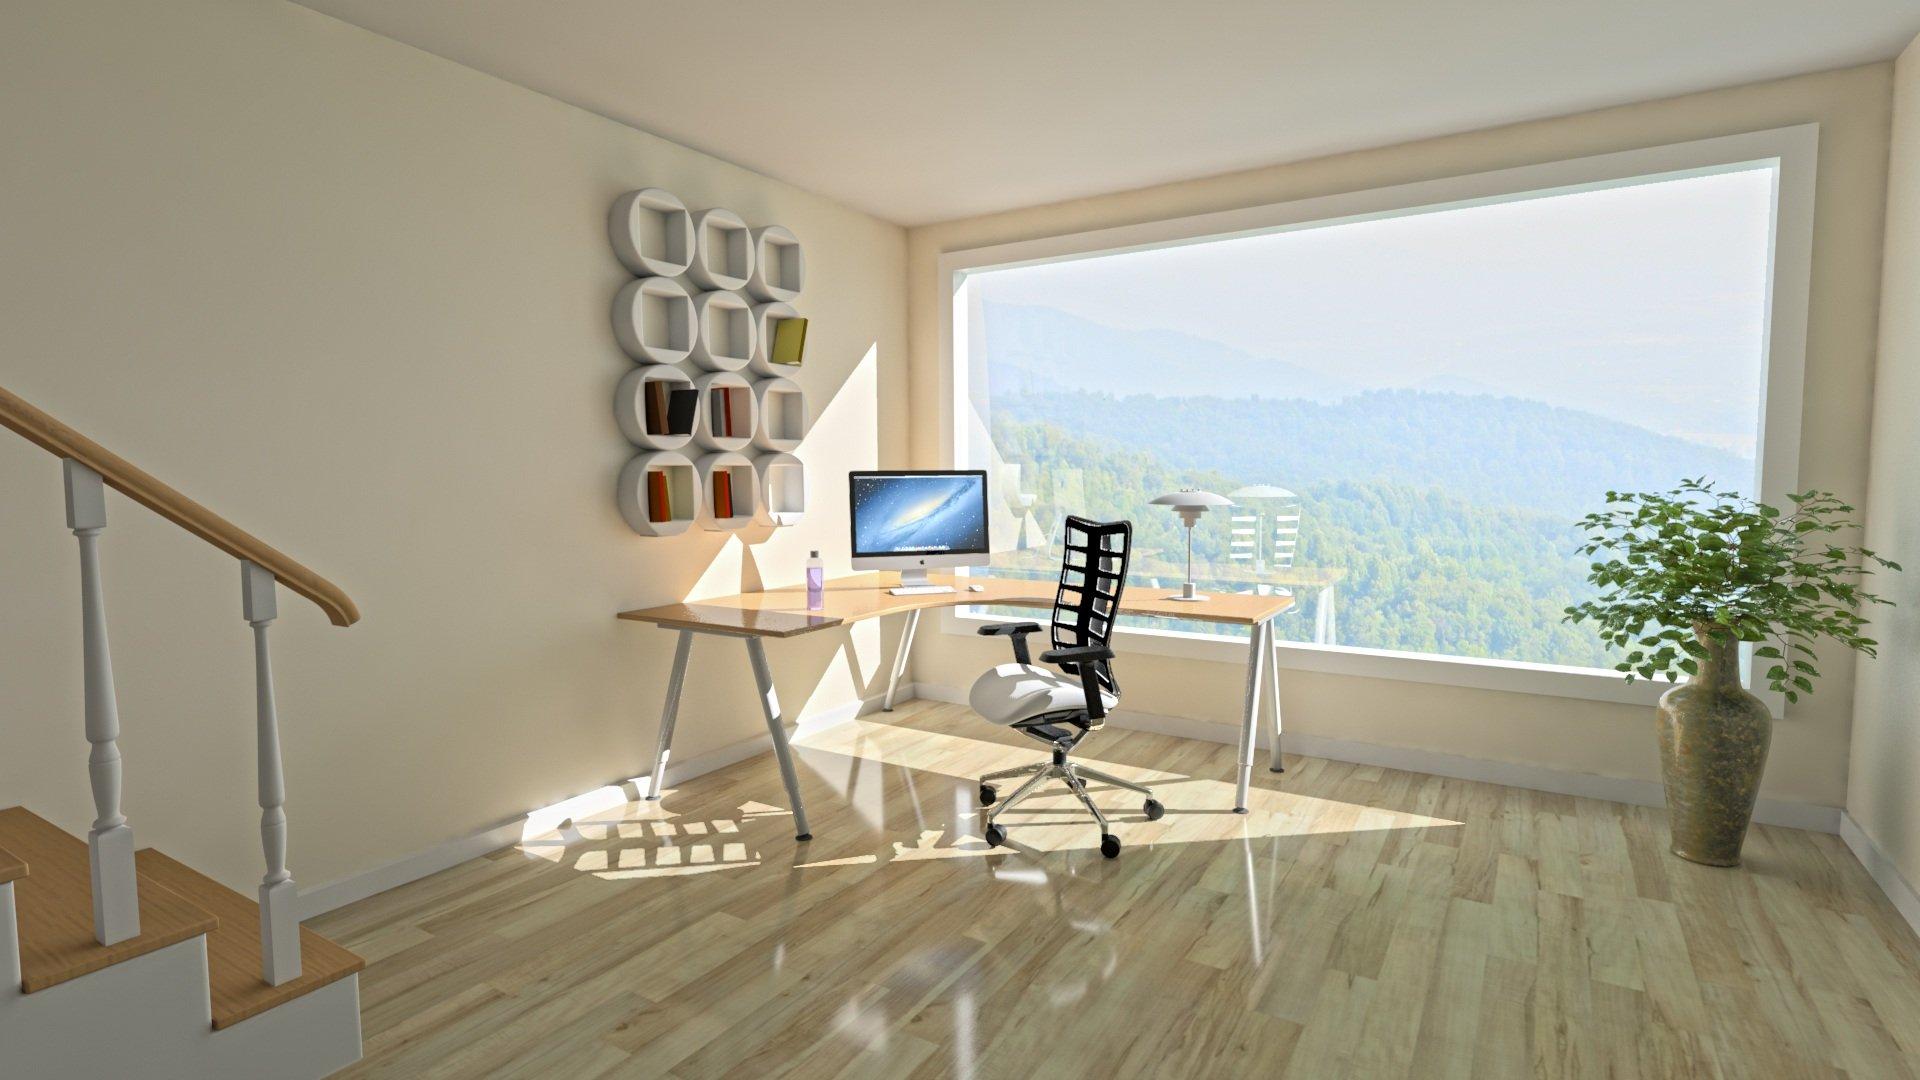 Otra idea de espacio designado para trabajar desde casa